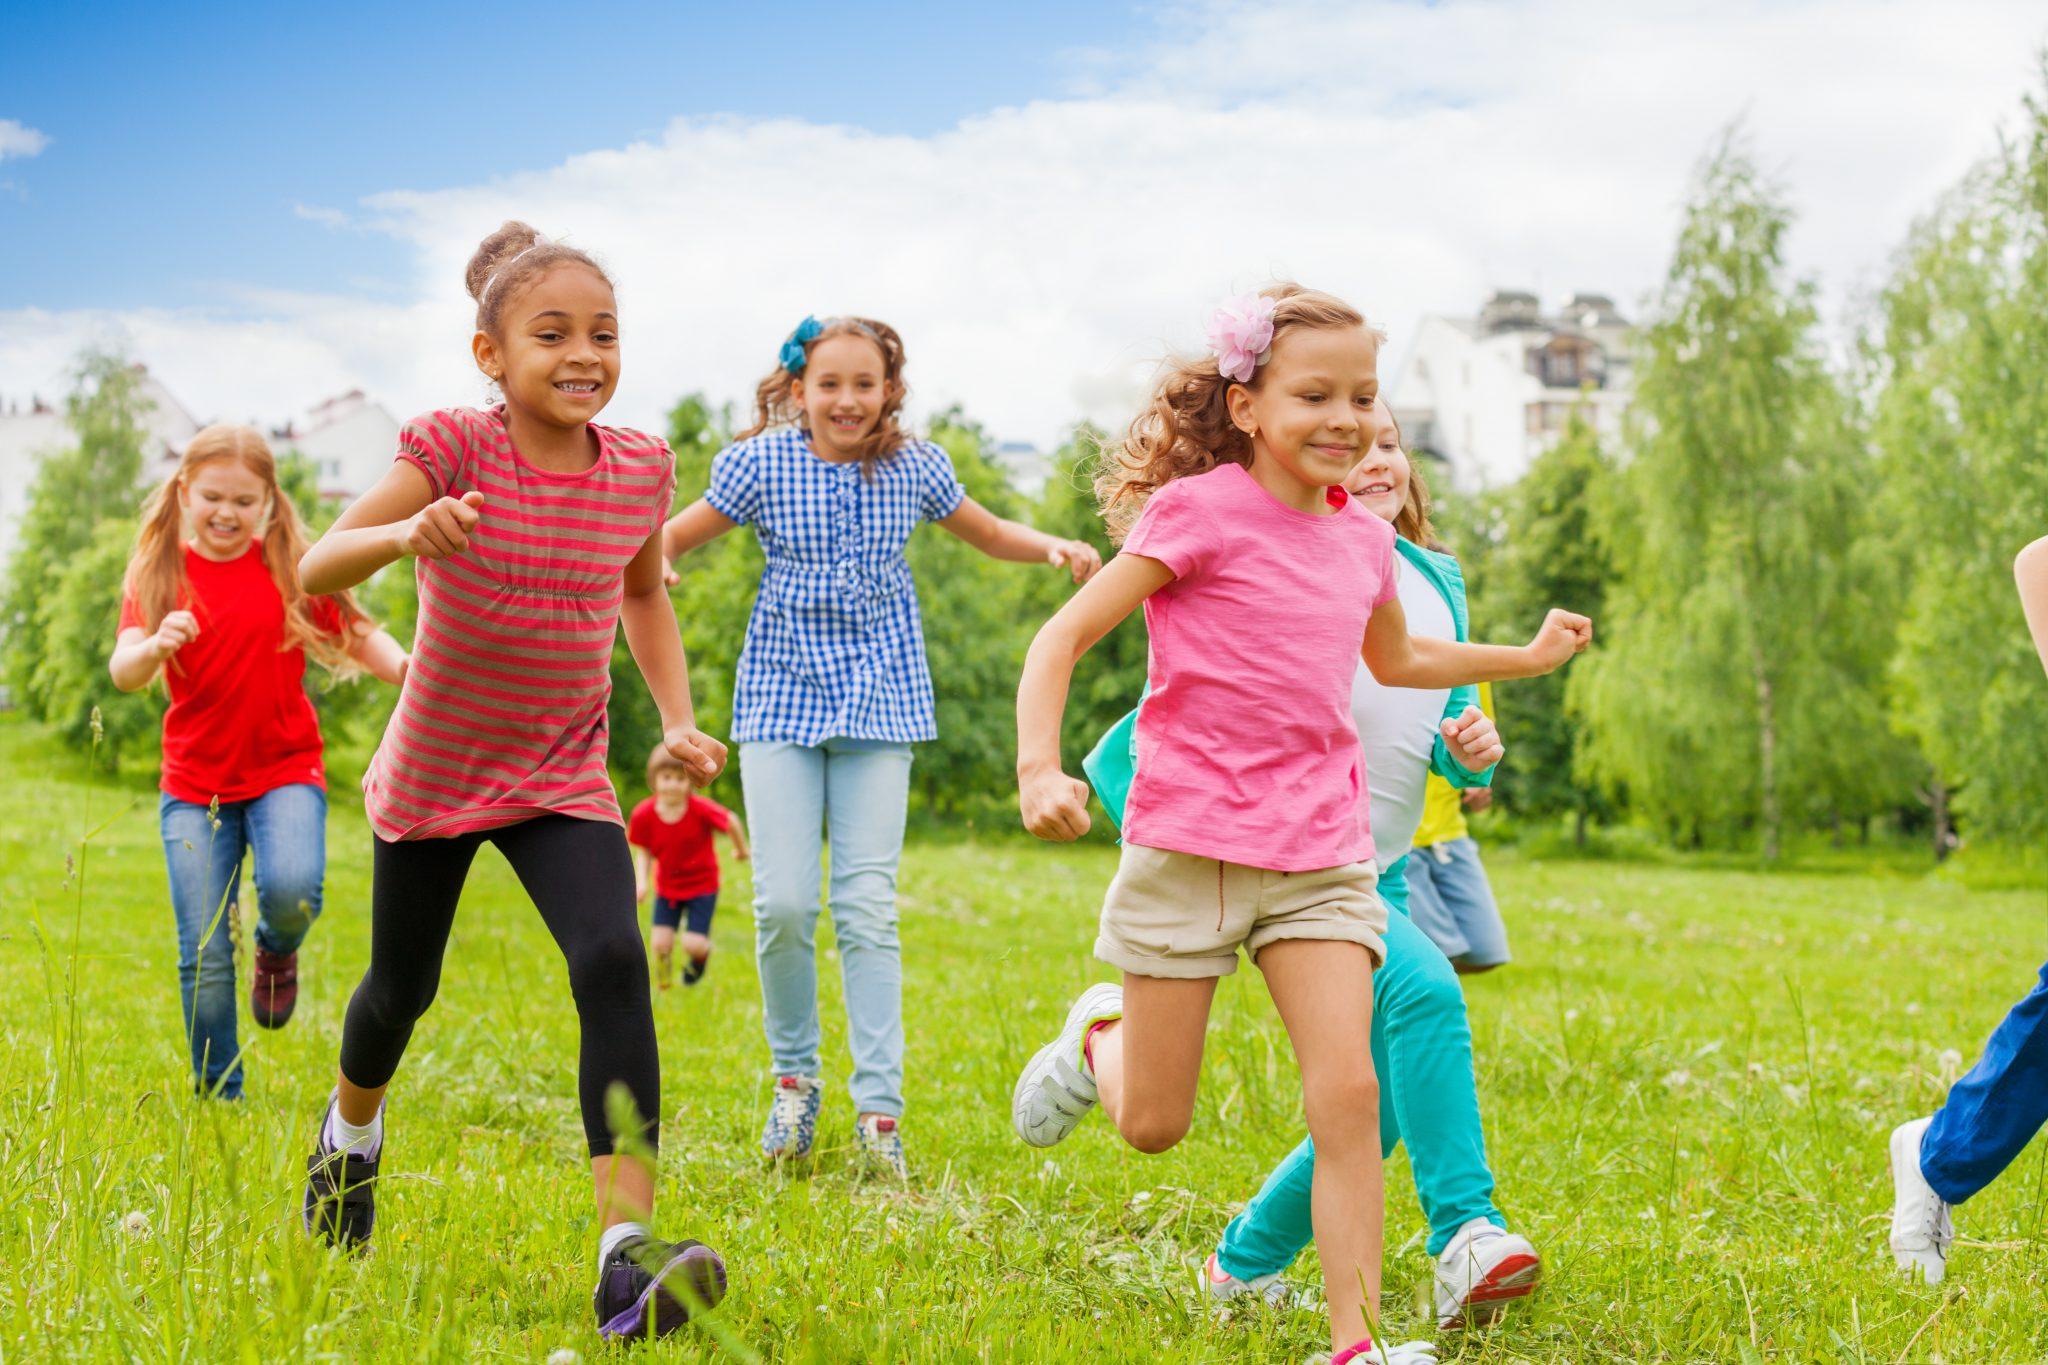 Children being active